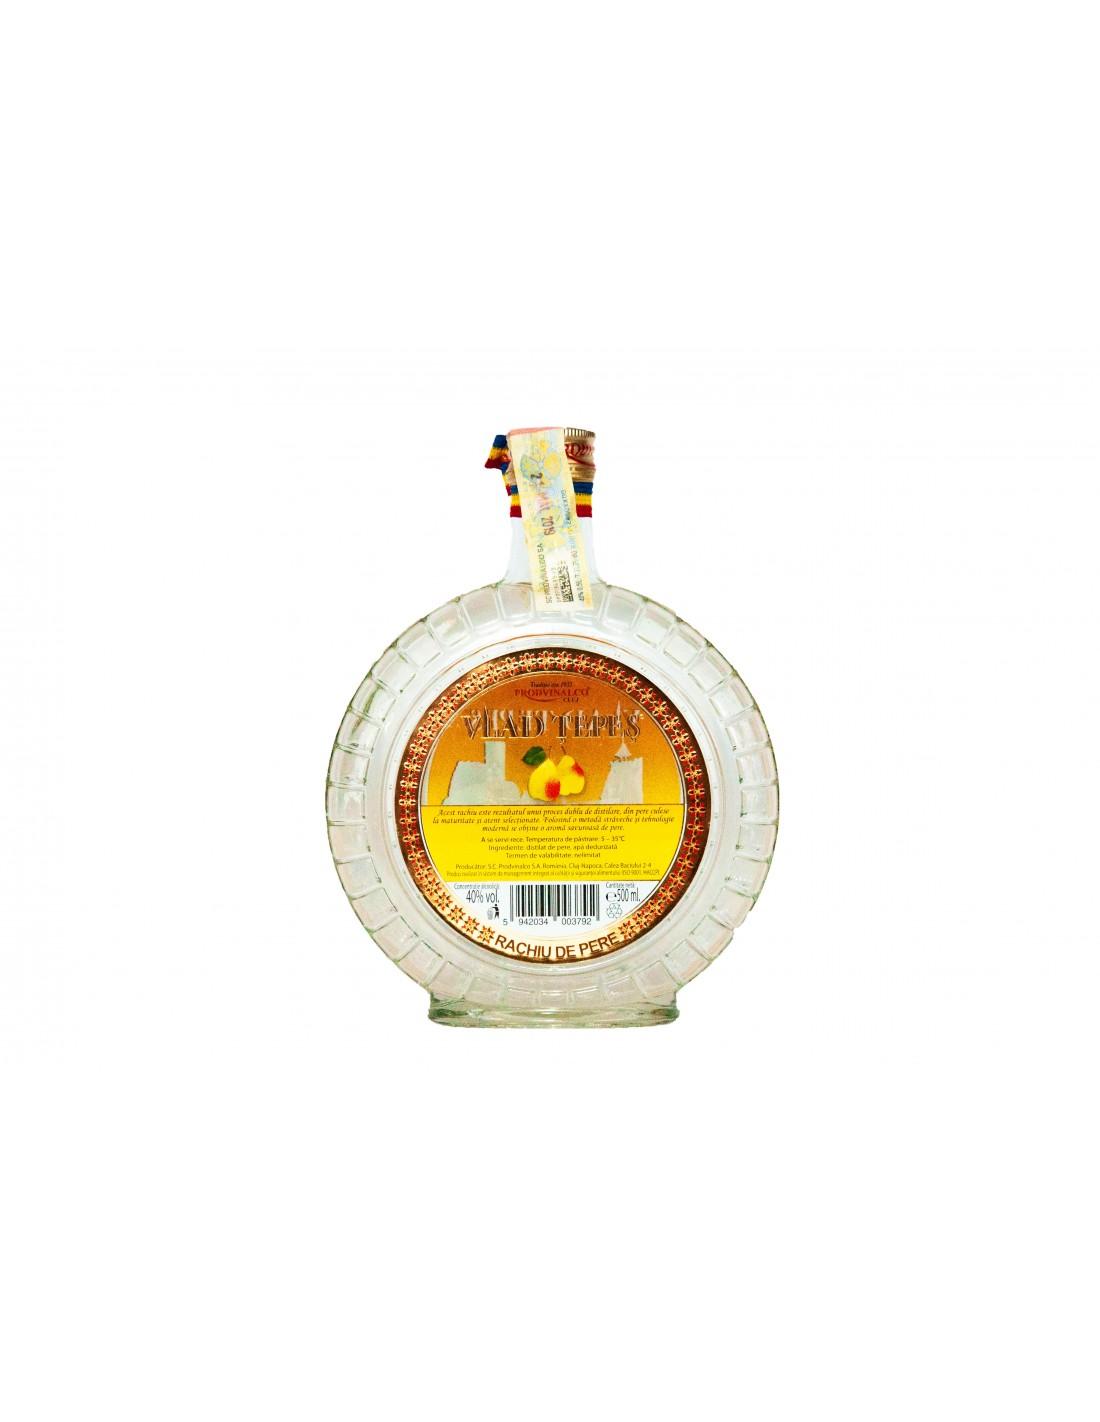 Rachiu de pere Vlad Tepes, 40% alc., 0.5L, Romania